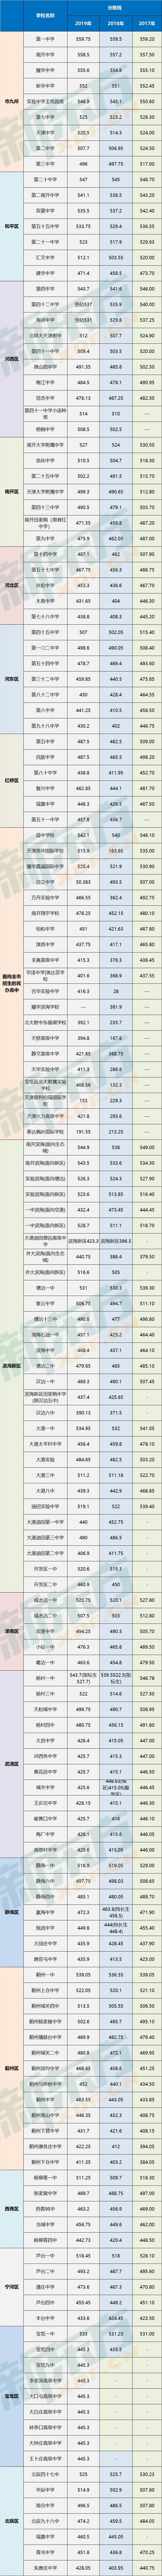 天津中考錄取分數線